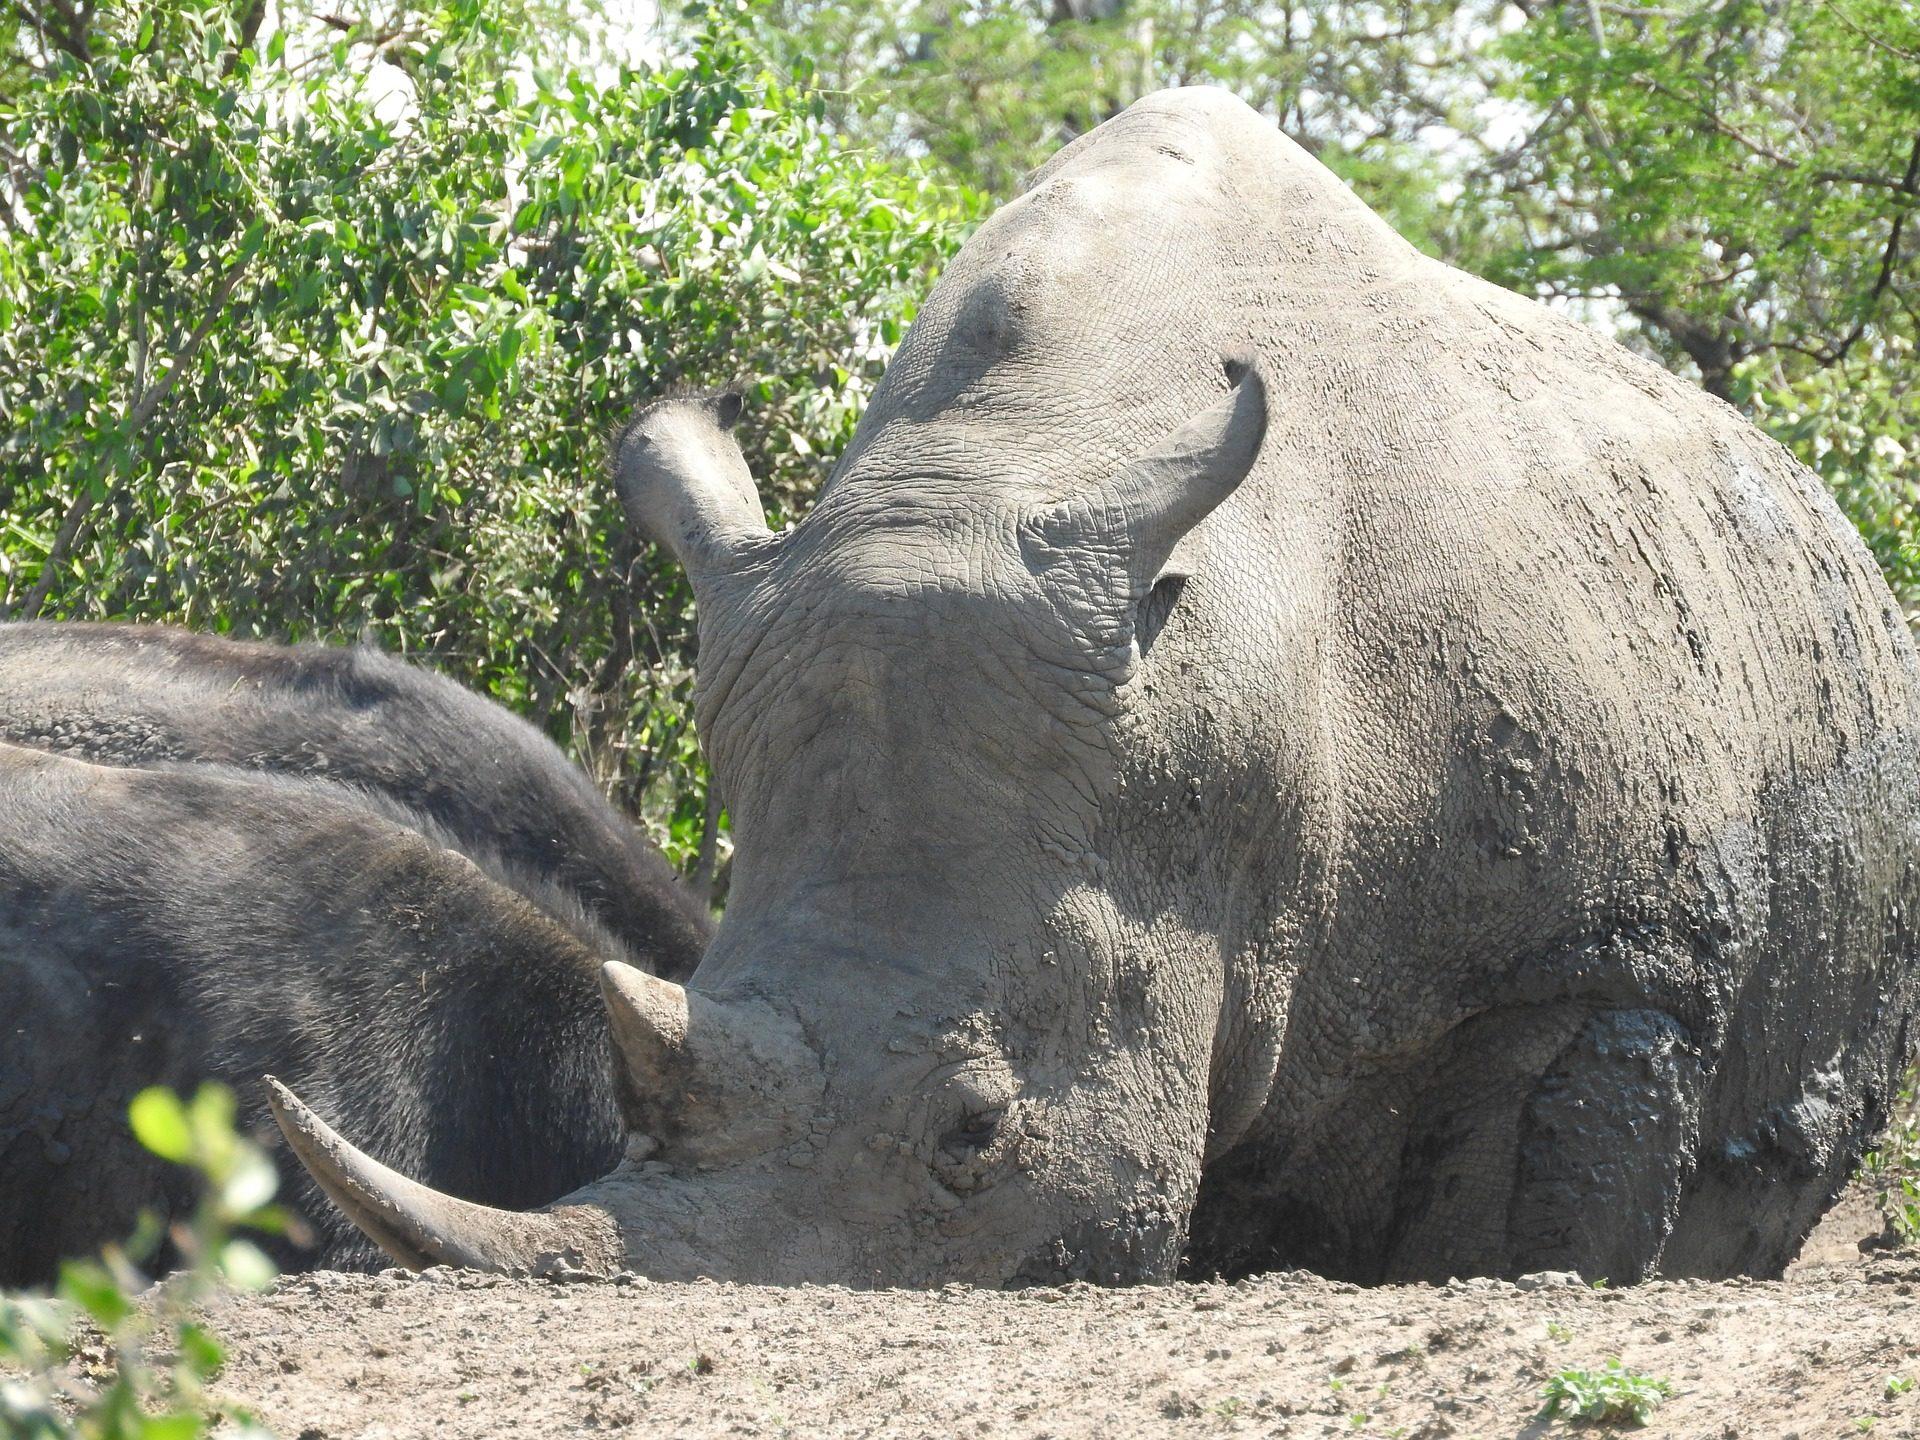 Носорог, Рог, бронирование, Хлухлуве, Африка - Обои HD - Профессор falken.com